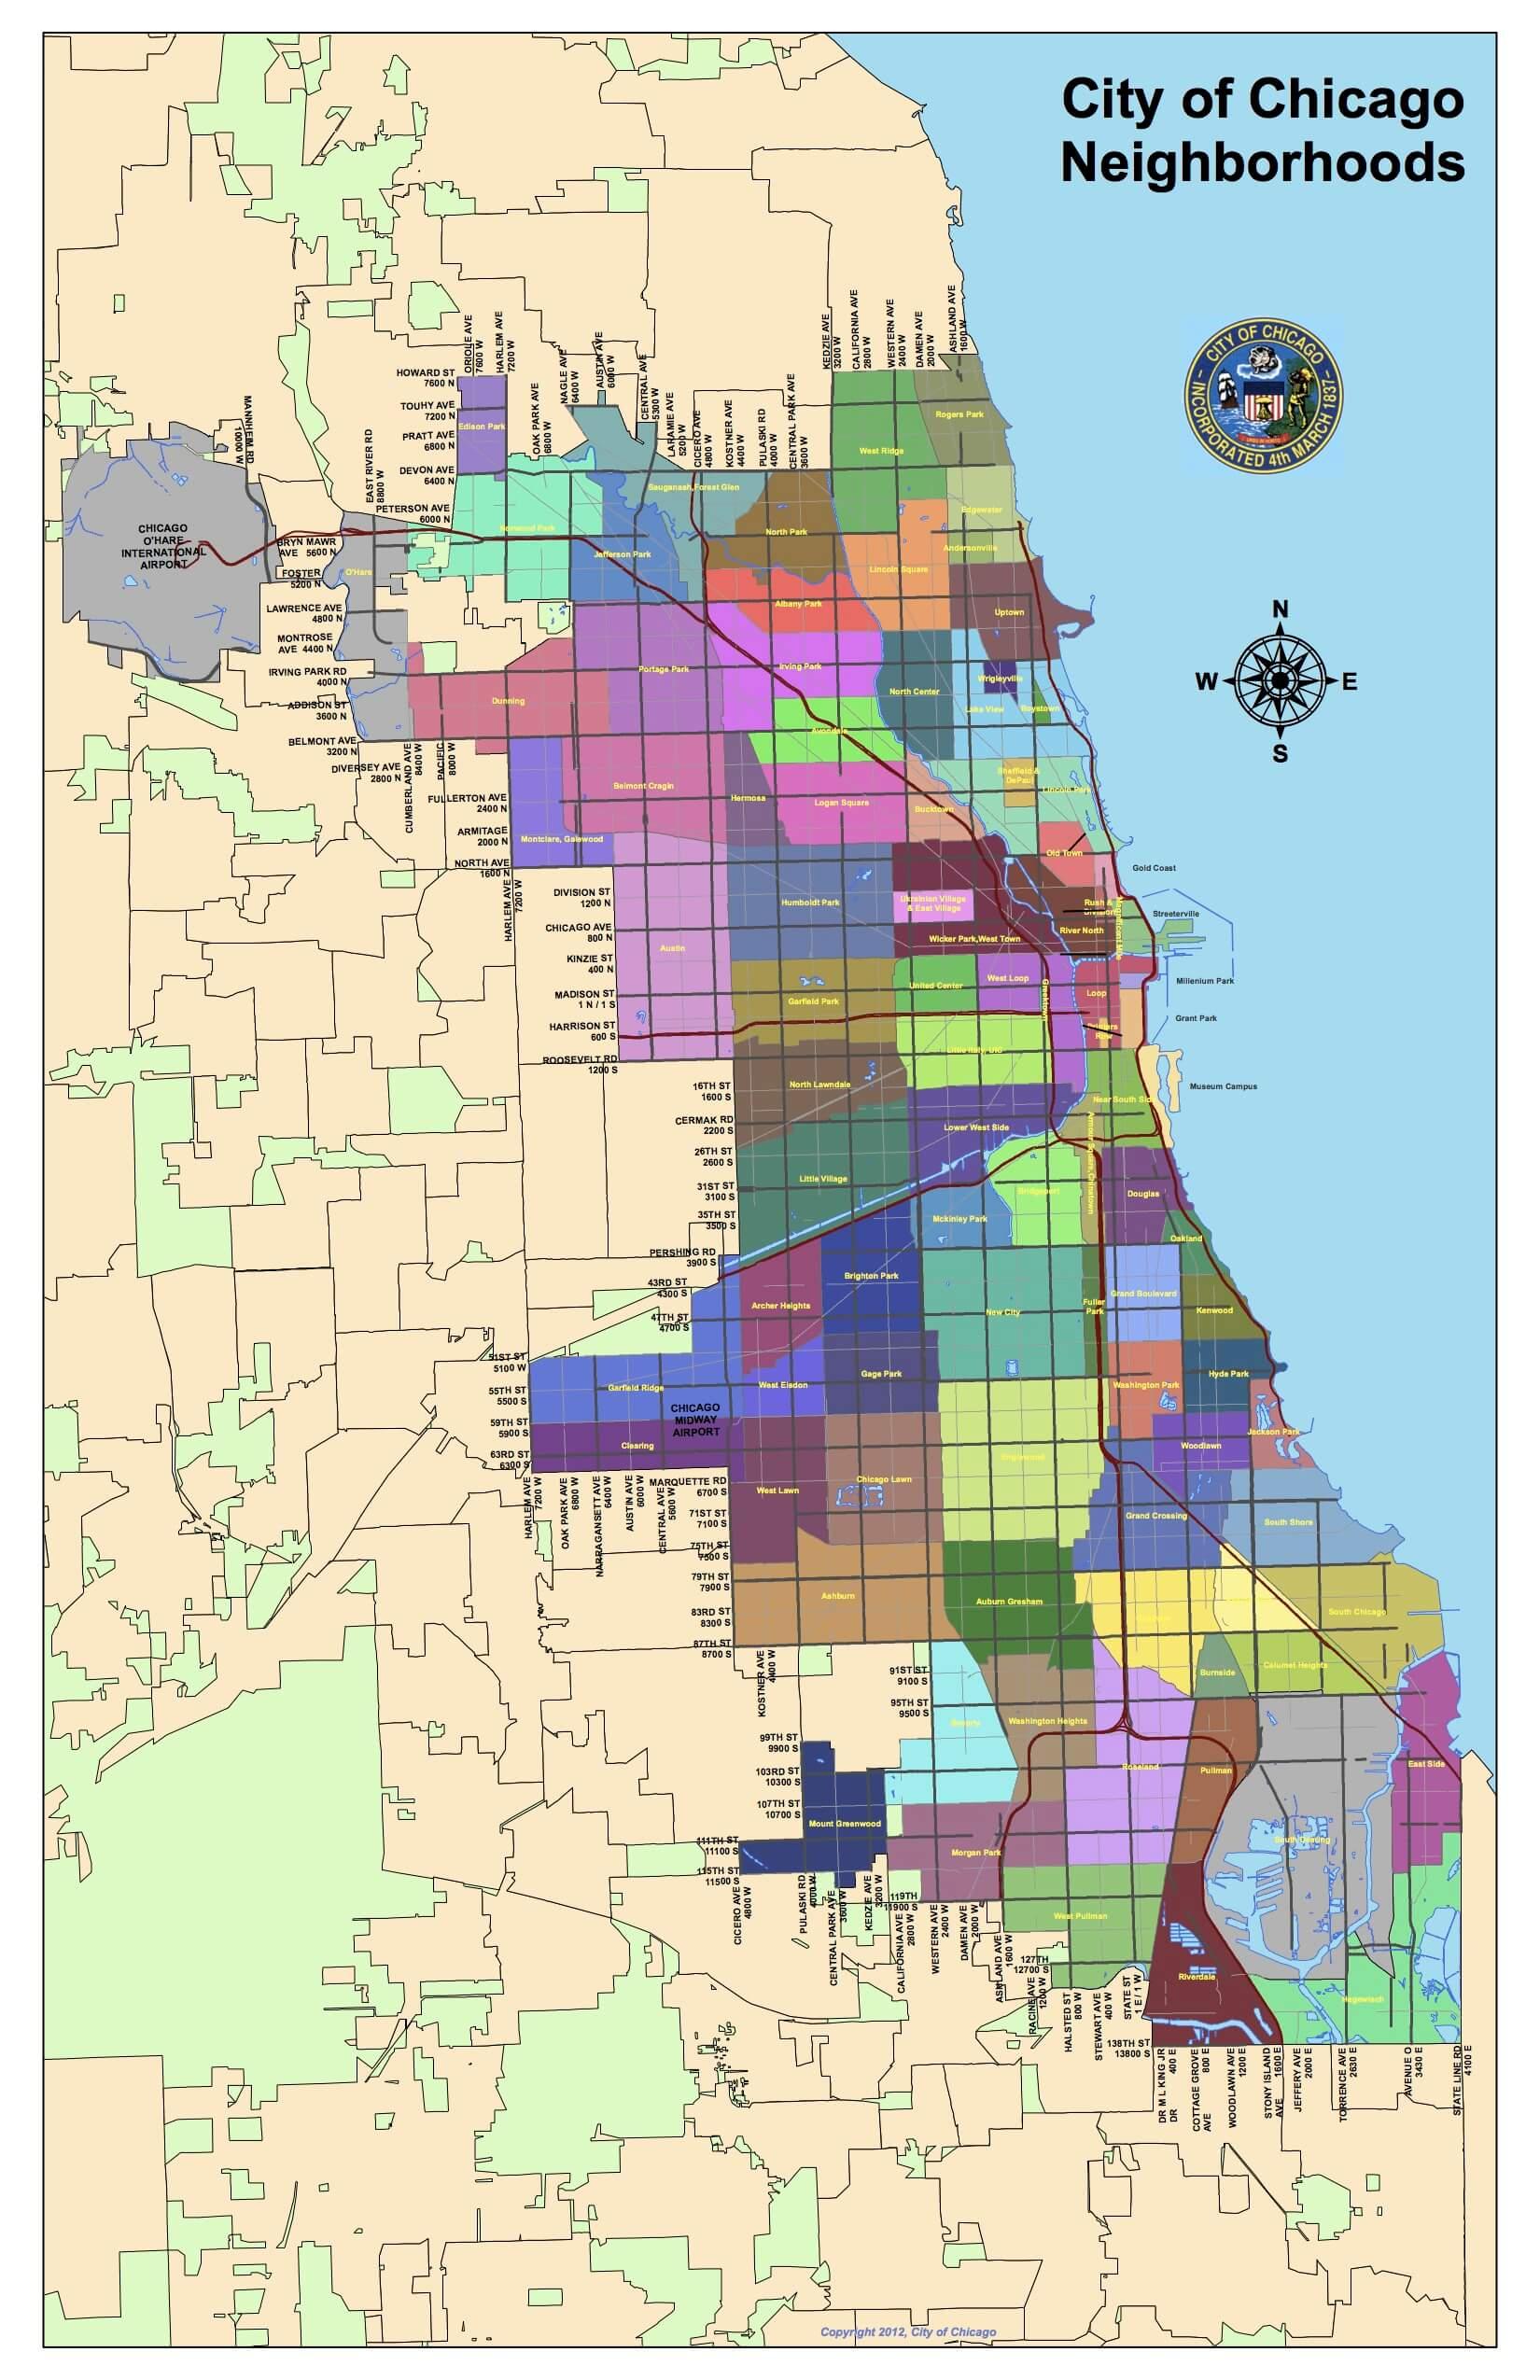 Map of Chicago neighborhoods